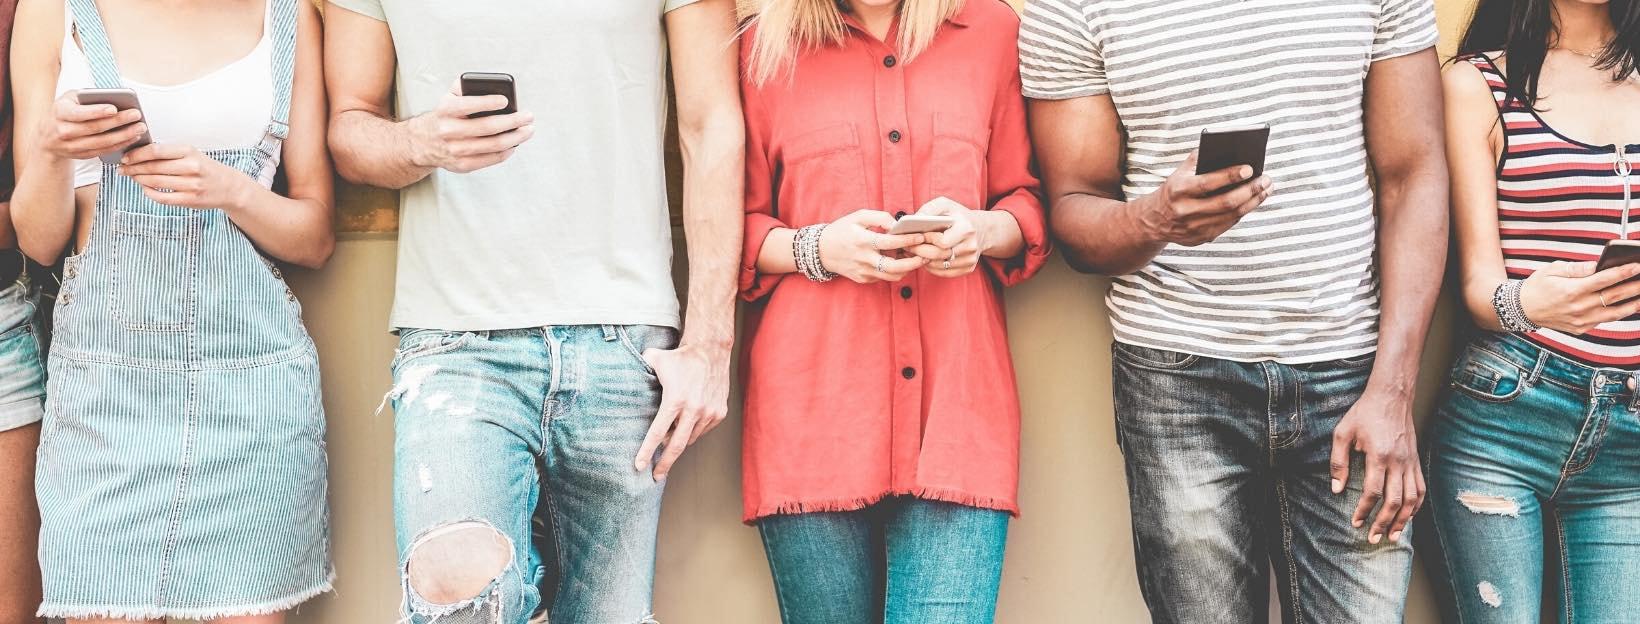 Junge Menschen mit Handy: Vorlagen für Instagram Stories